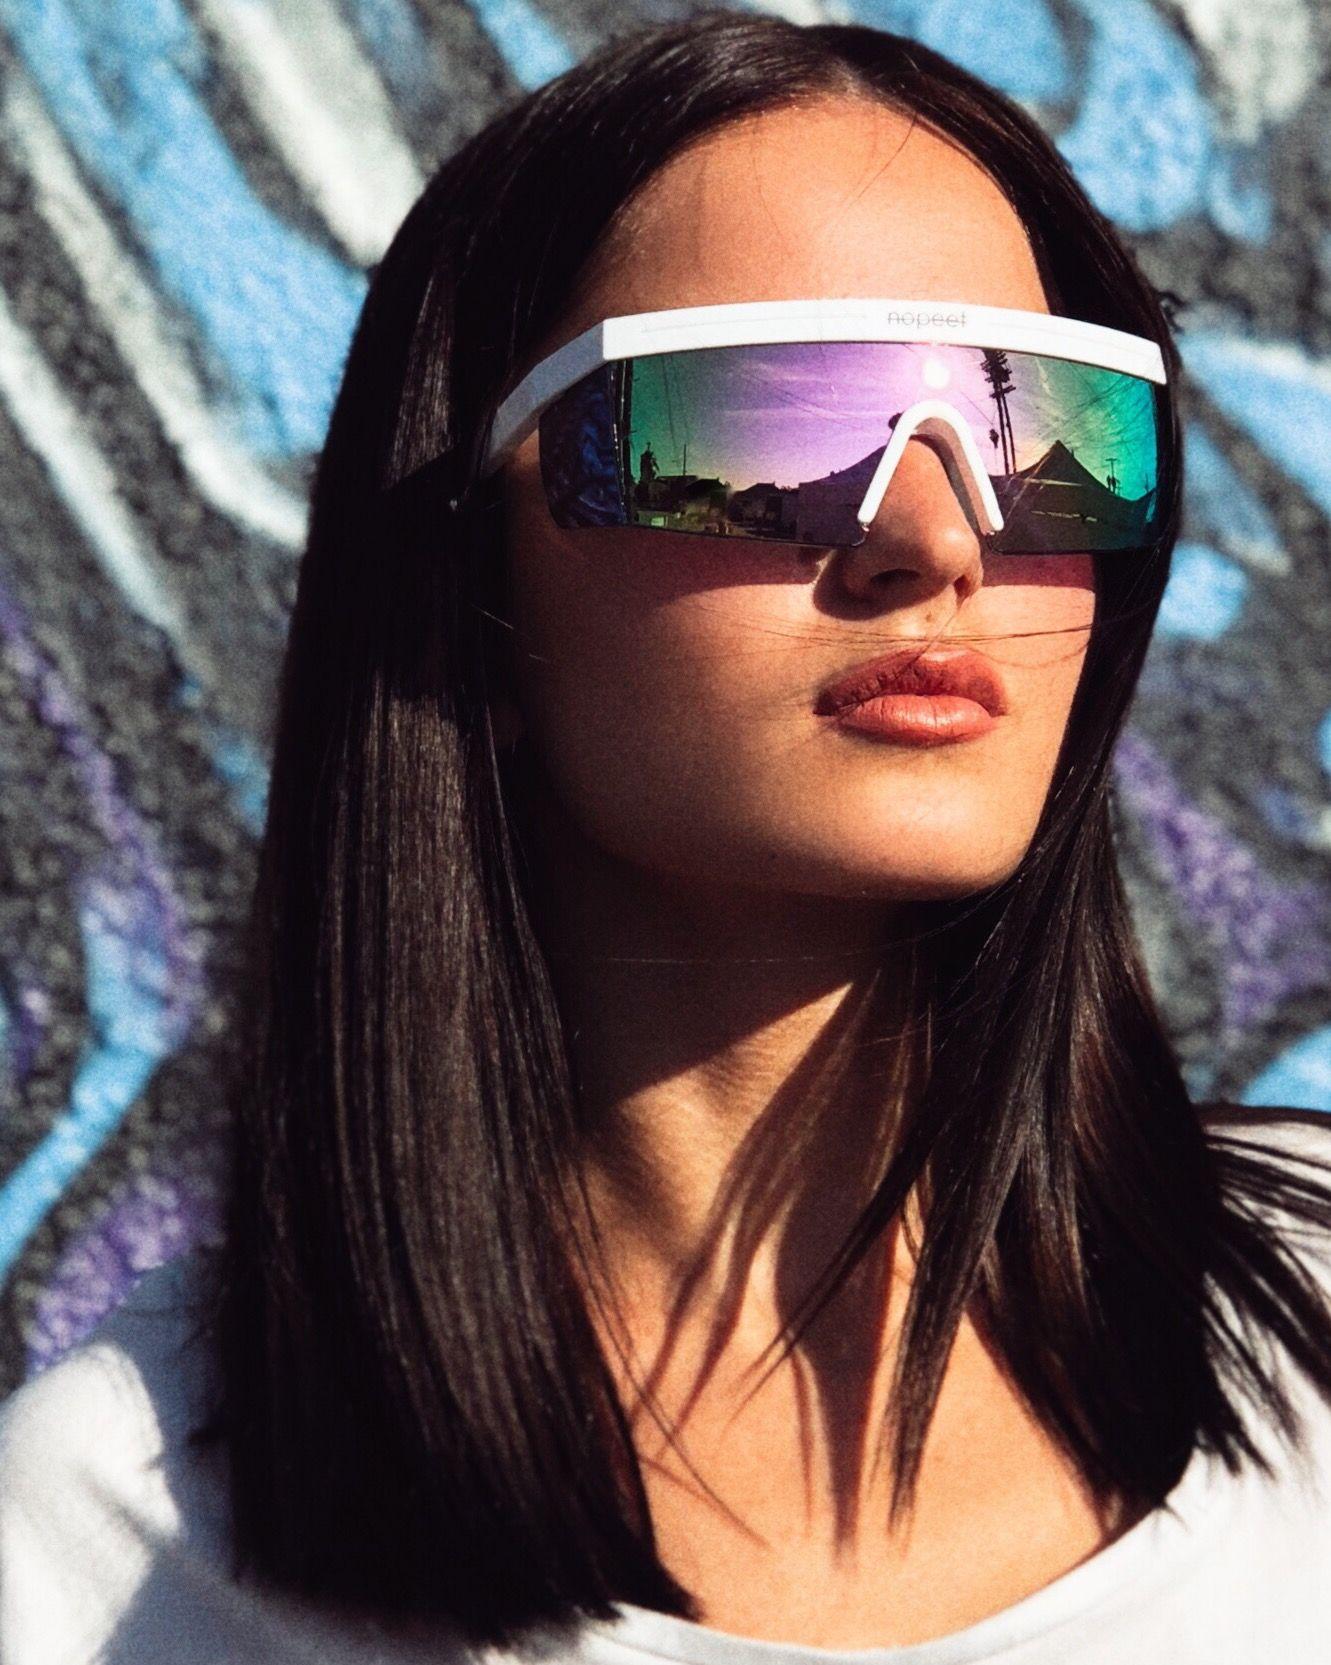 785934dd96  itsdariav for  nopeetstore  la  sunglasses  model  brunette  hair   haircolor  hairstyles  neon  lips  girl  life  blogger